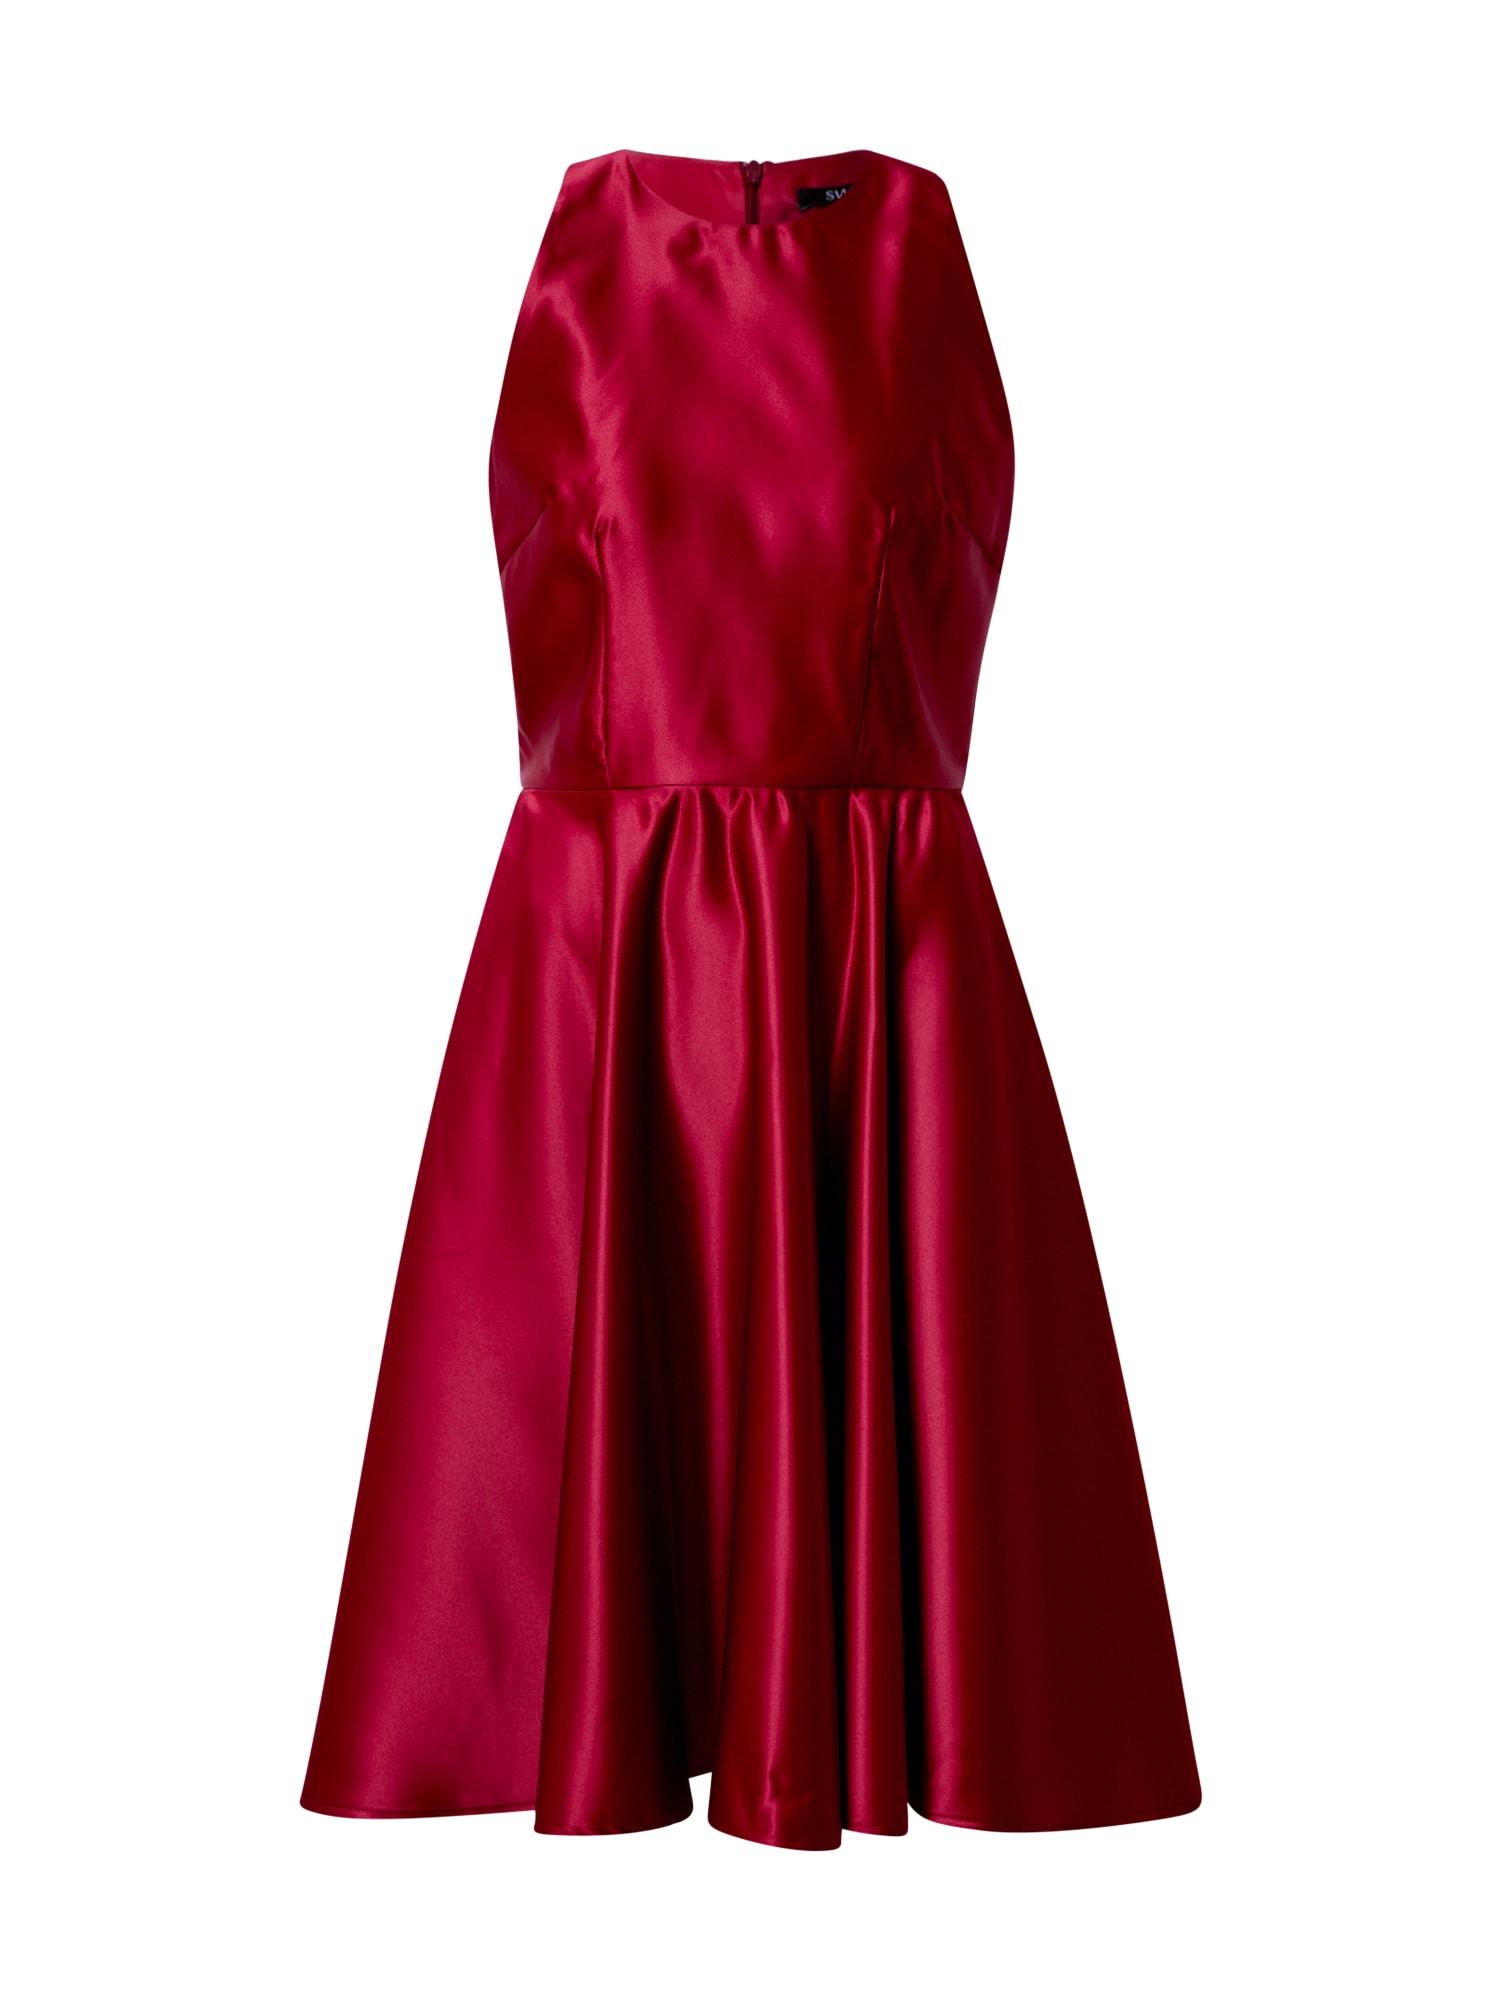 SWING Kokteilinė suknelė vyšninė spalva